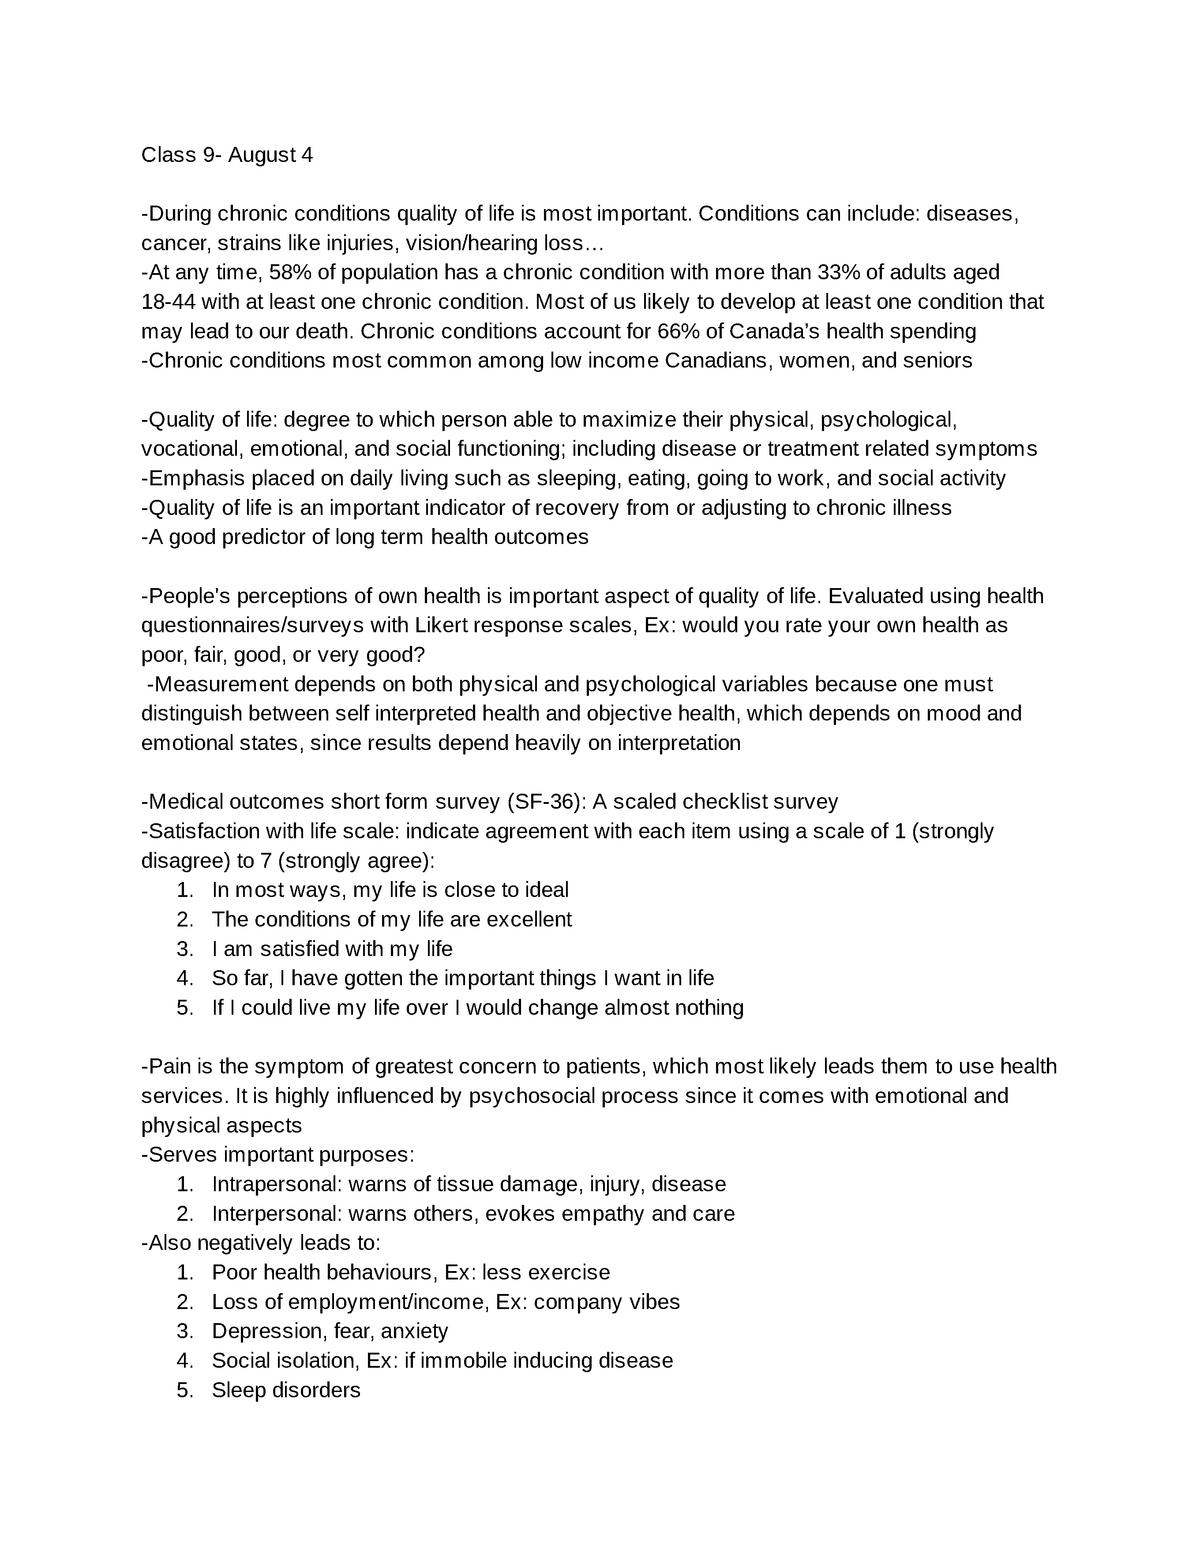 PSYC_314_Final_Exam - Health Psychology PSYC 314 - StuDocu